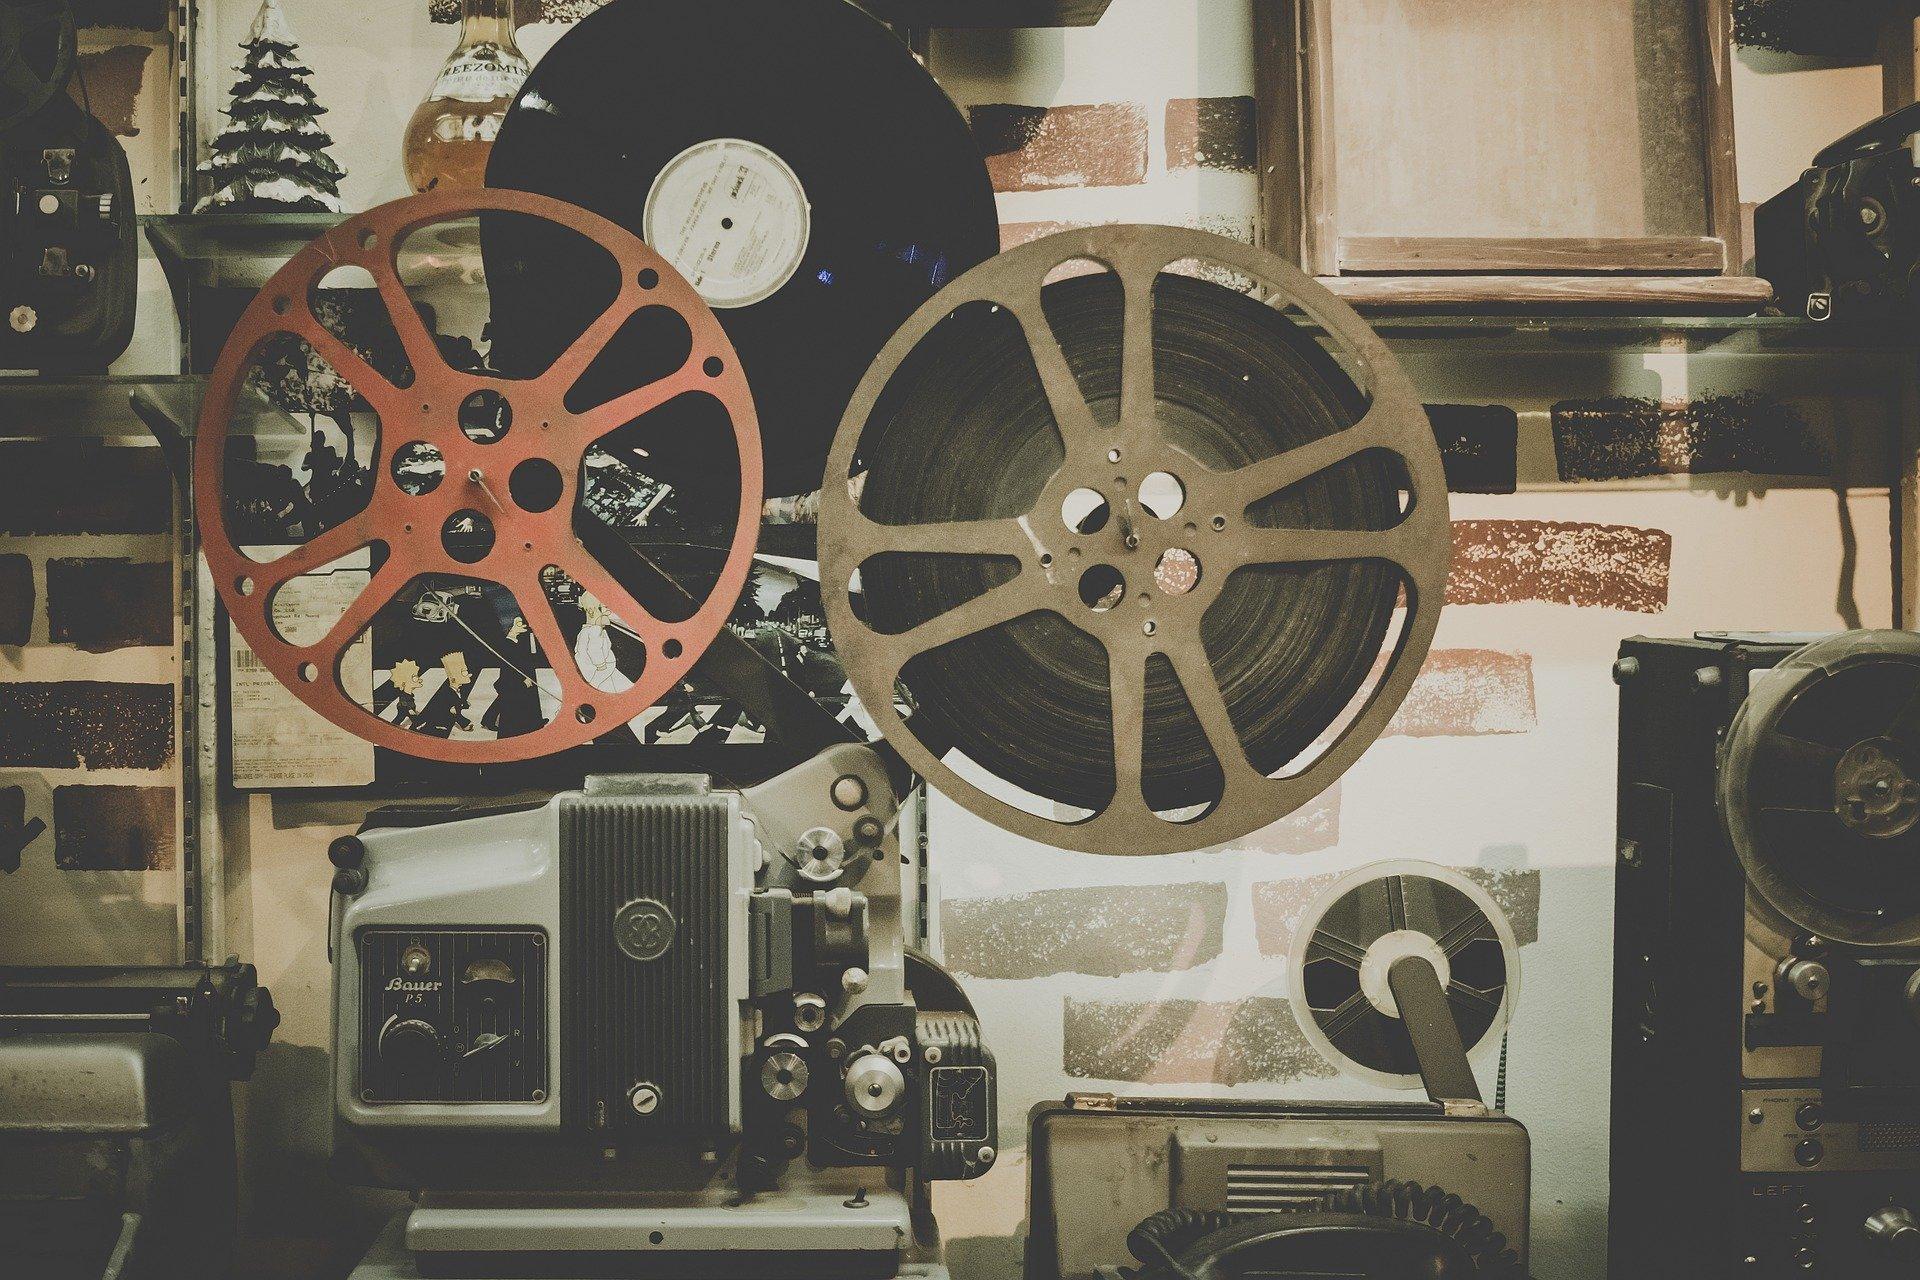 Как психология эссенциализма влияет на кино и искусство